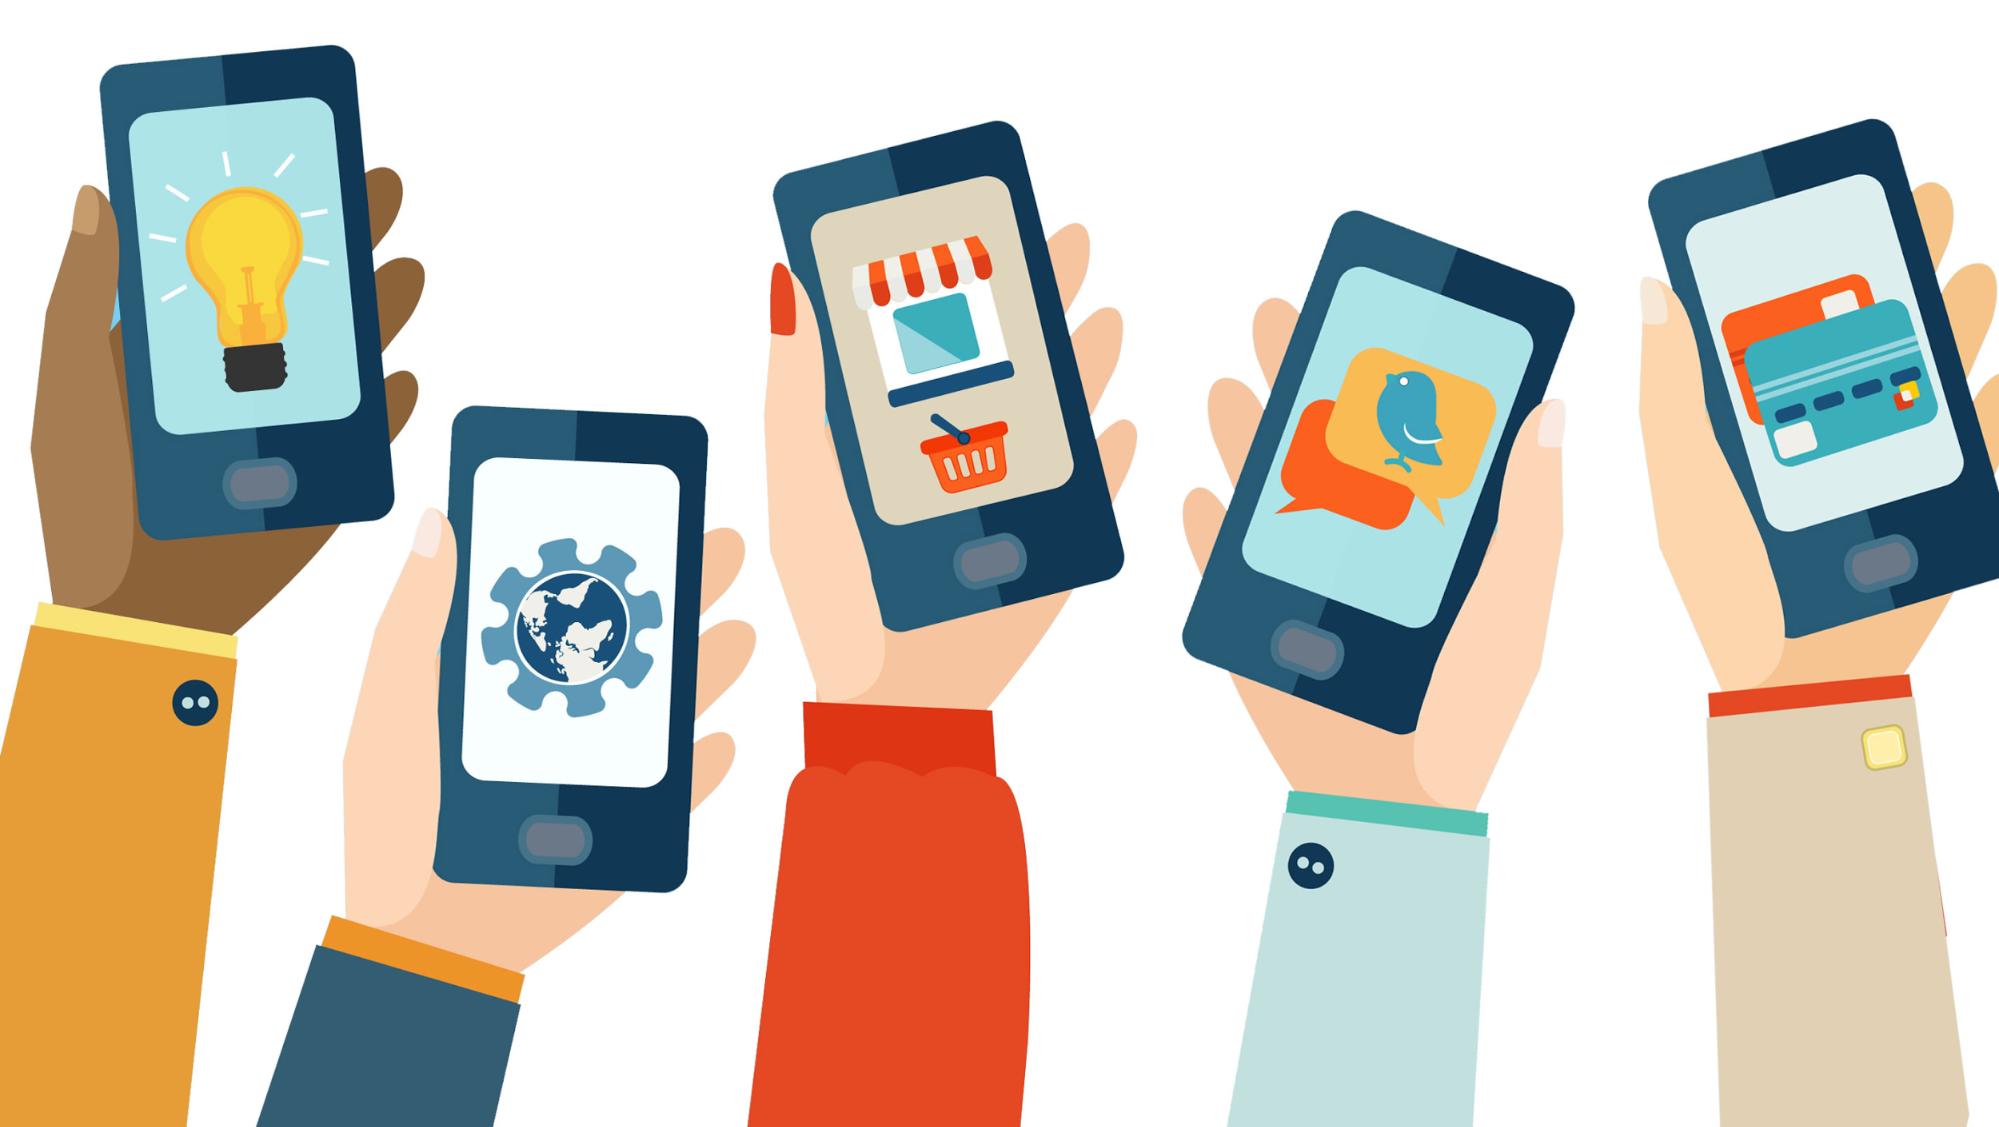 Mobile-friendly est souvent oublié lors du design de site, ce qui n'aide pas à améliorer le référencement naturel Google